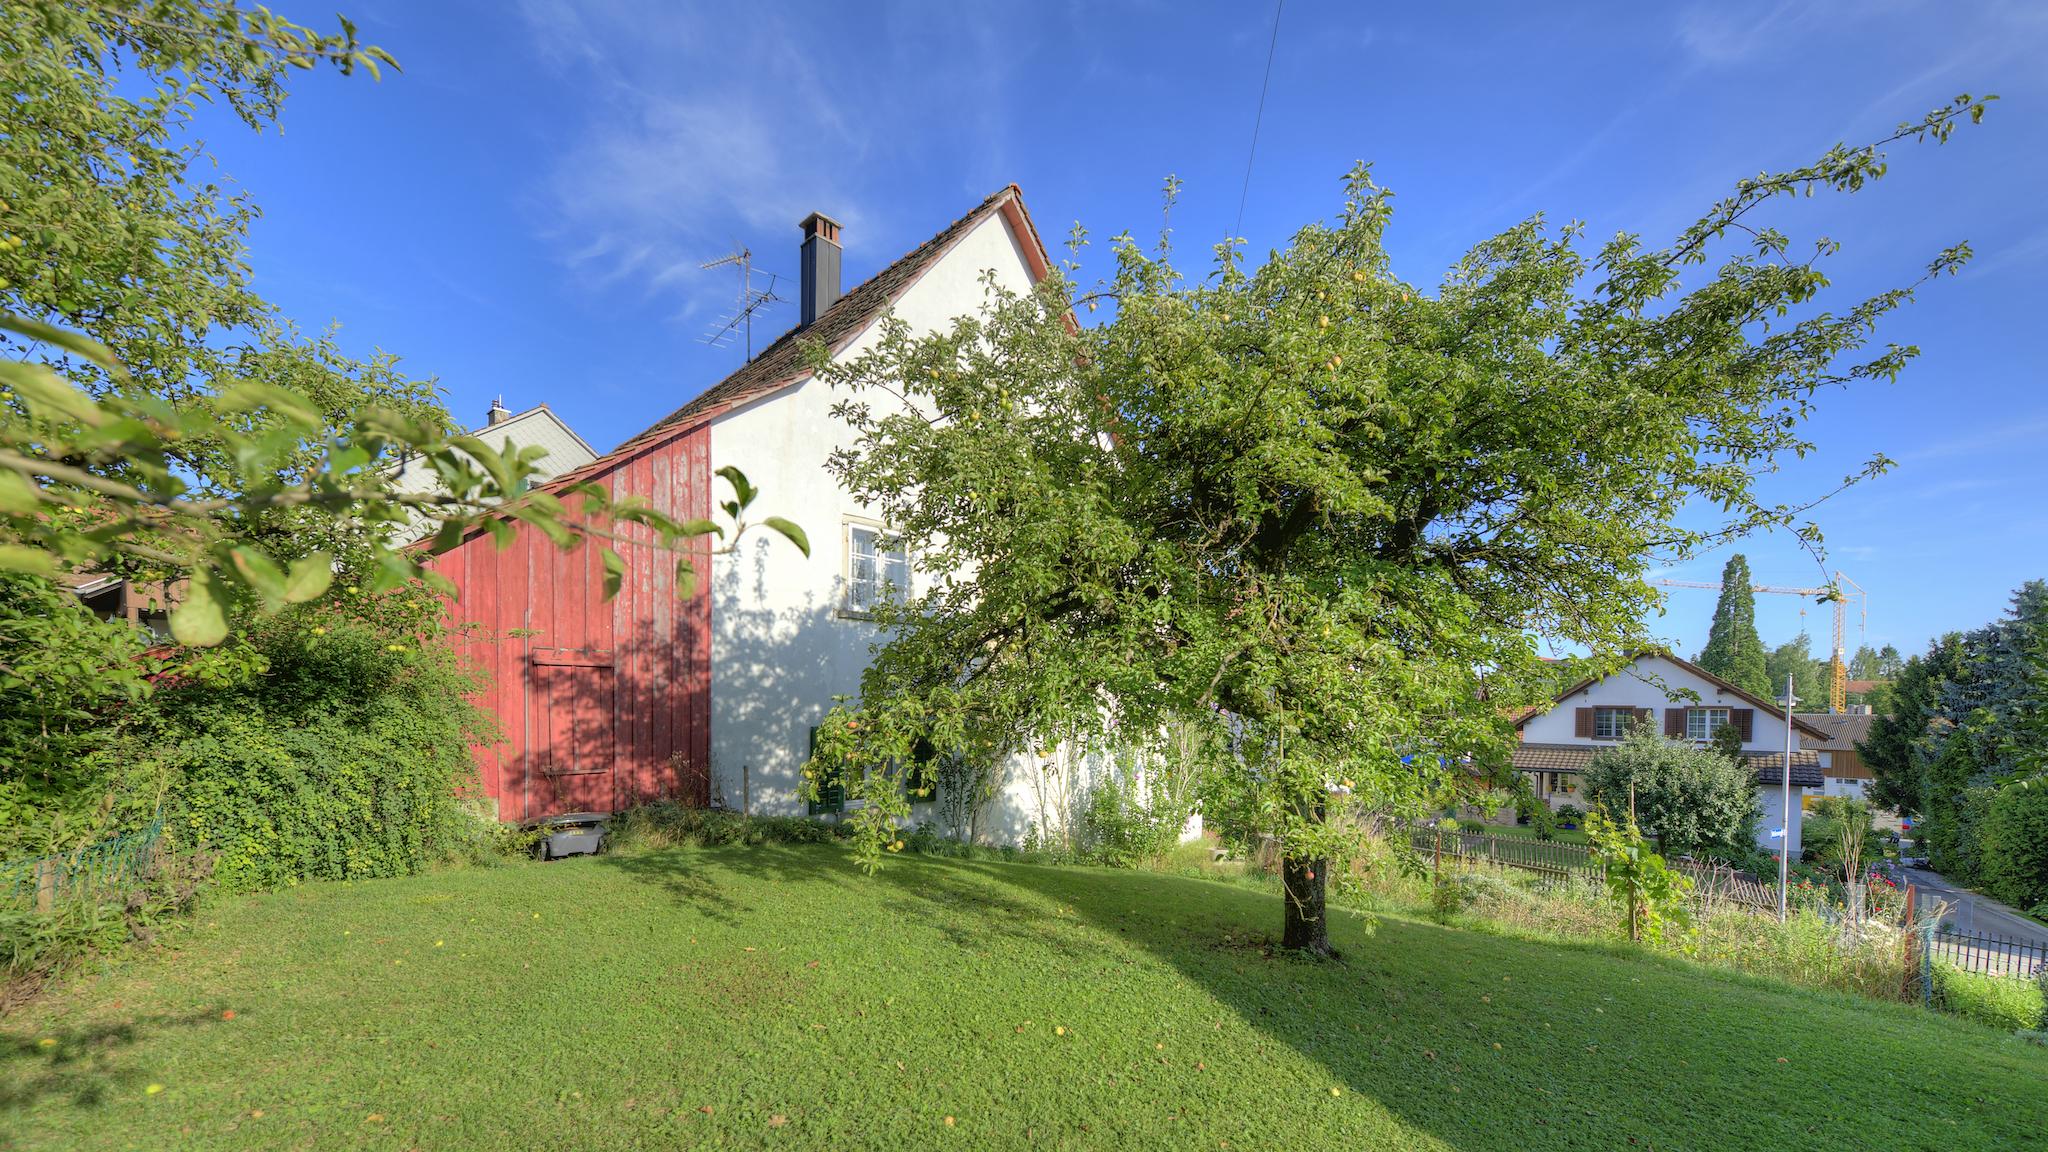 Die Obstbäume neben dem Haus